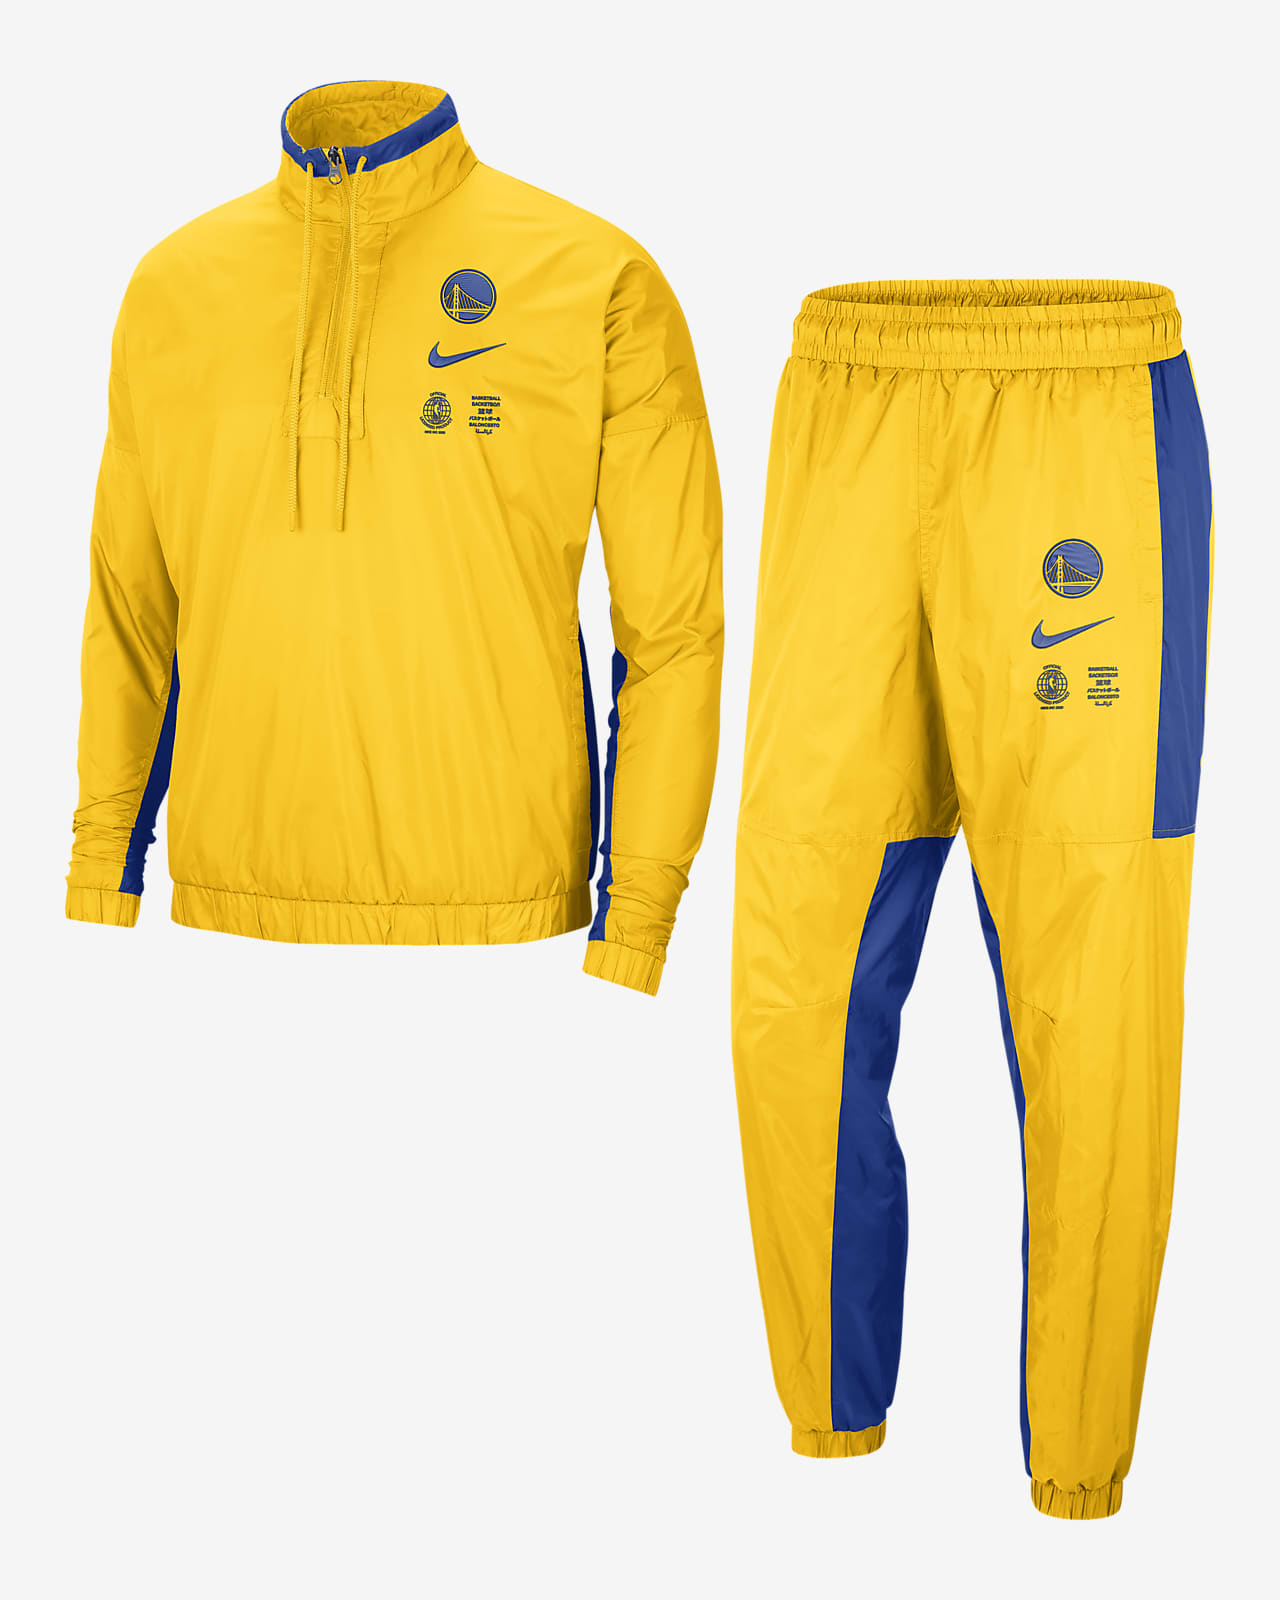 Peave Tecnología Ingresos  chandal de baloncesto nba - Tienda Online de Zapatos, Ropa y Complementos  de marca